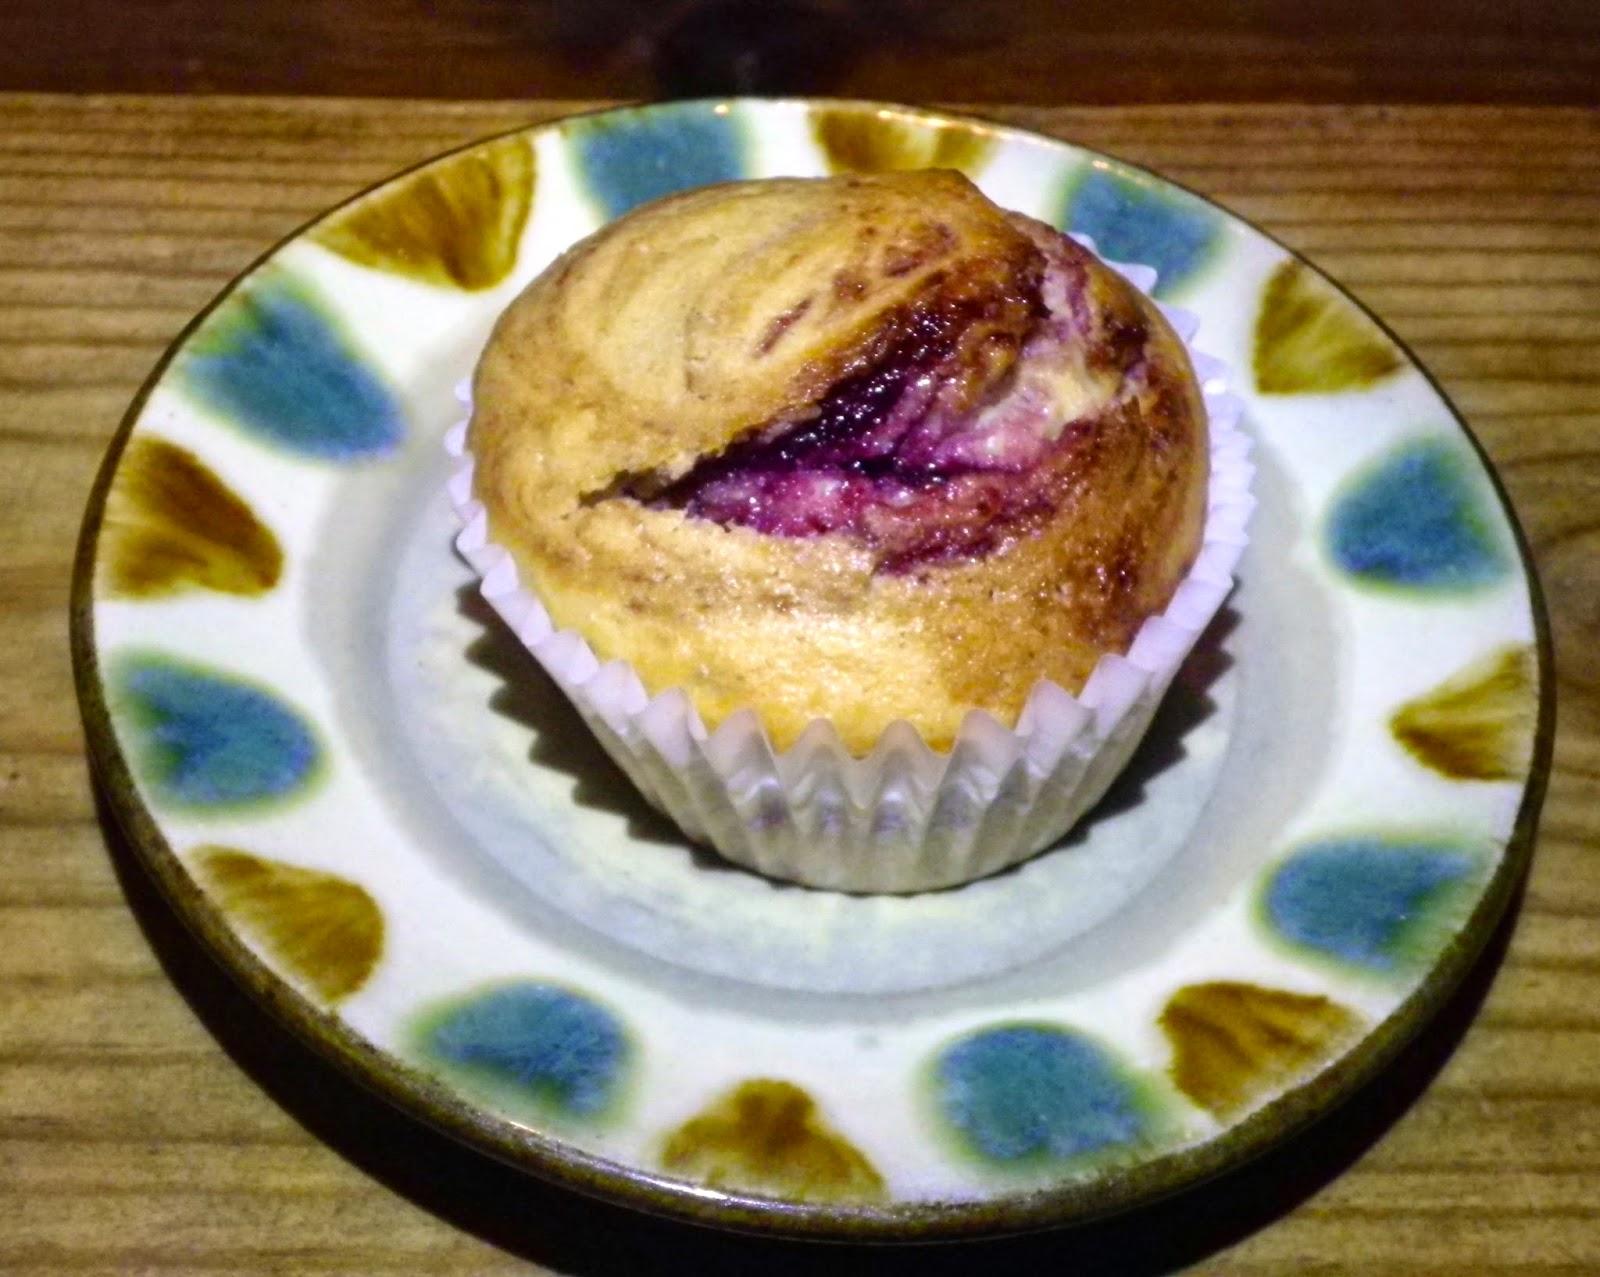 ヤマブドウジャム入りケーキ